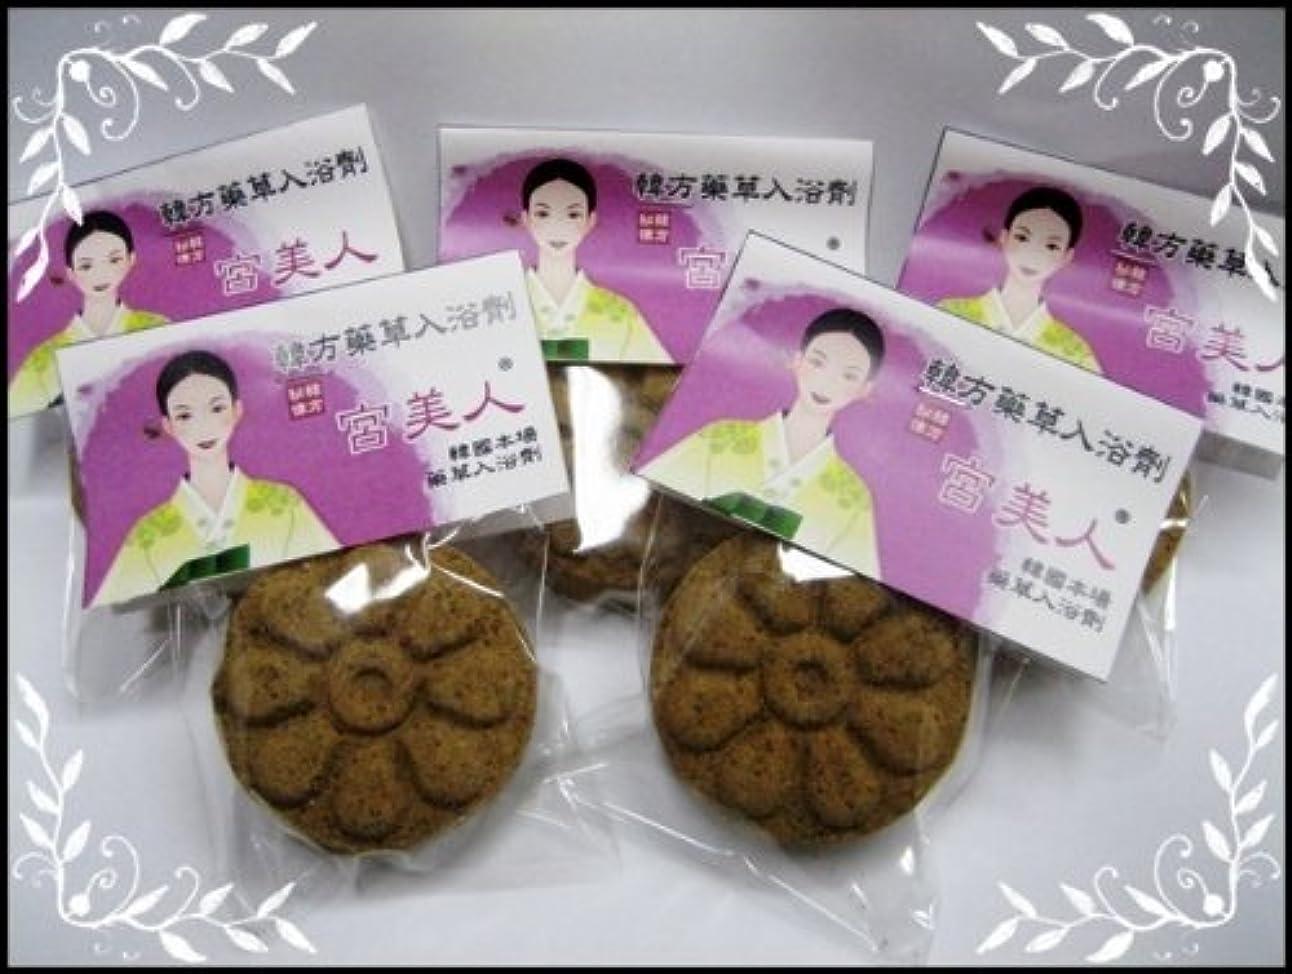 効果的に東方争う体の温度を1度を上げる韓方薬草宮美人ー ばら売り  ikkoの本に紹介